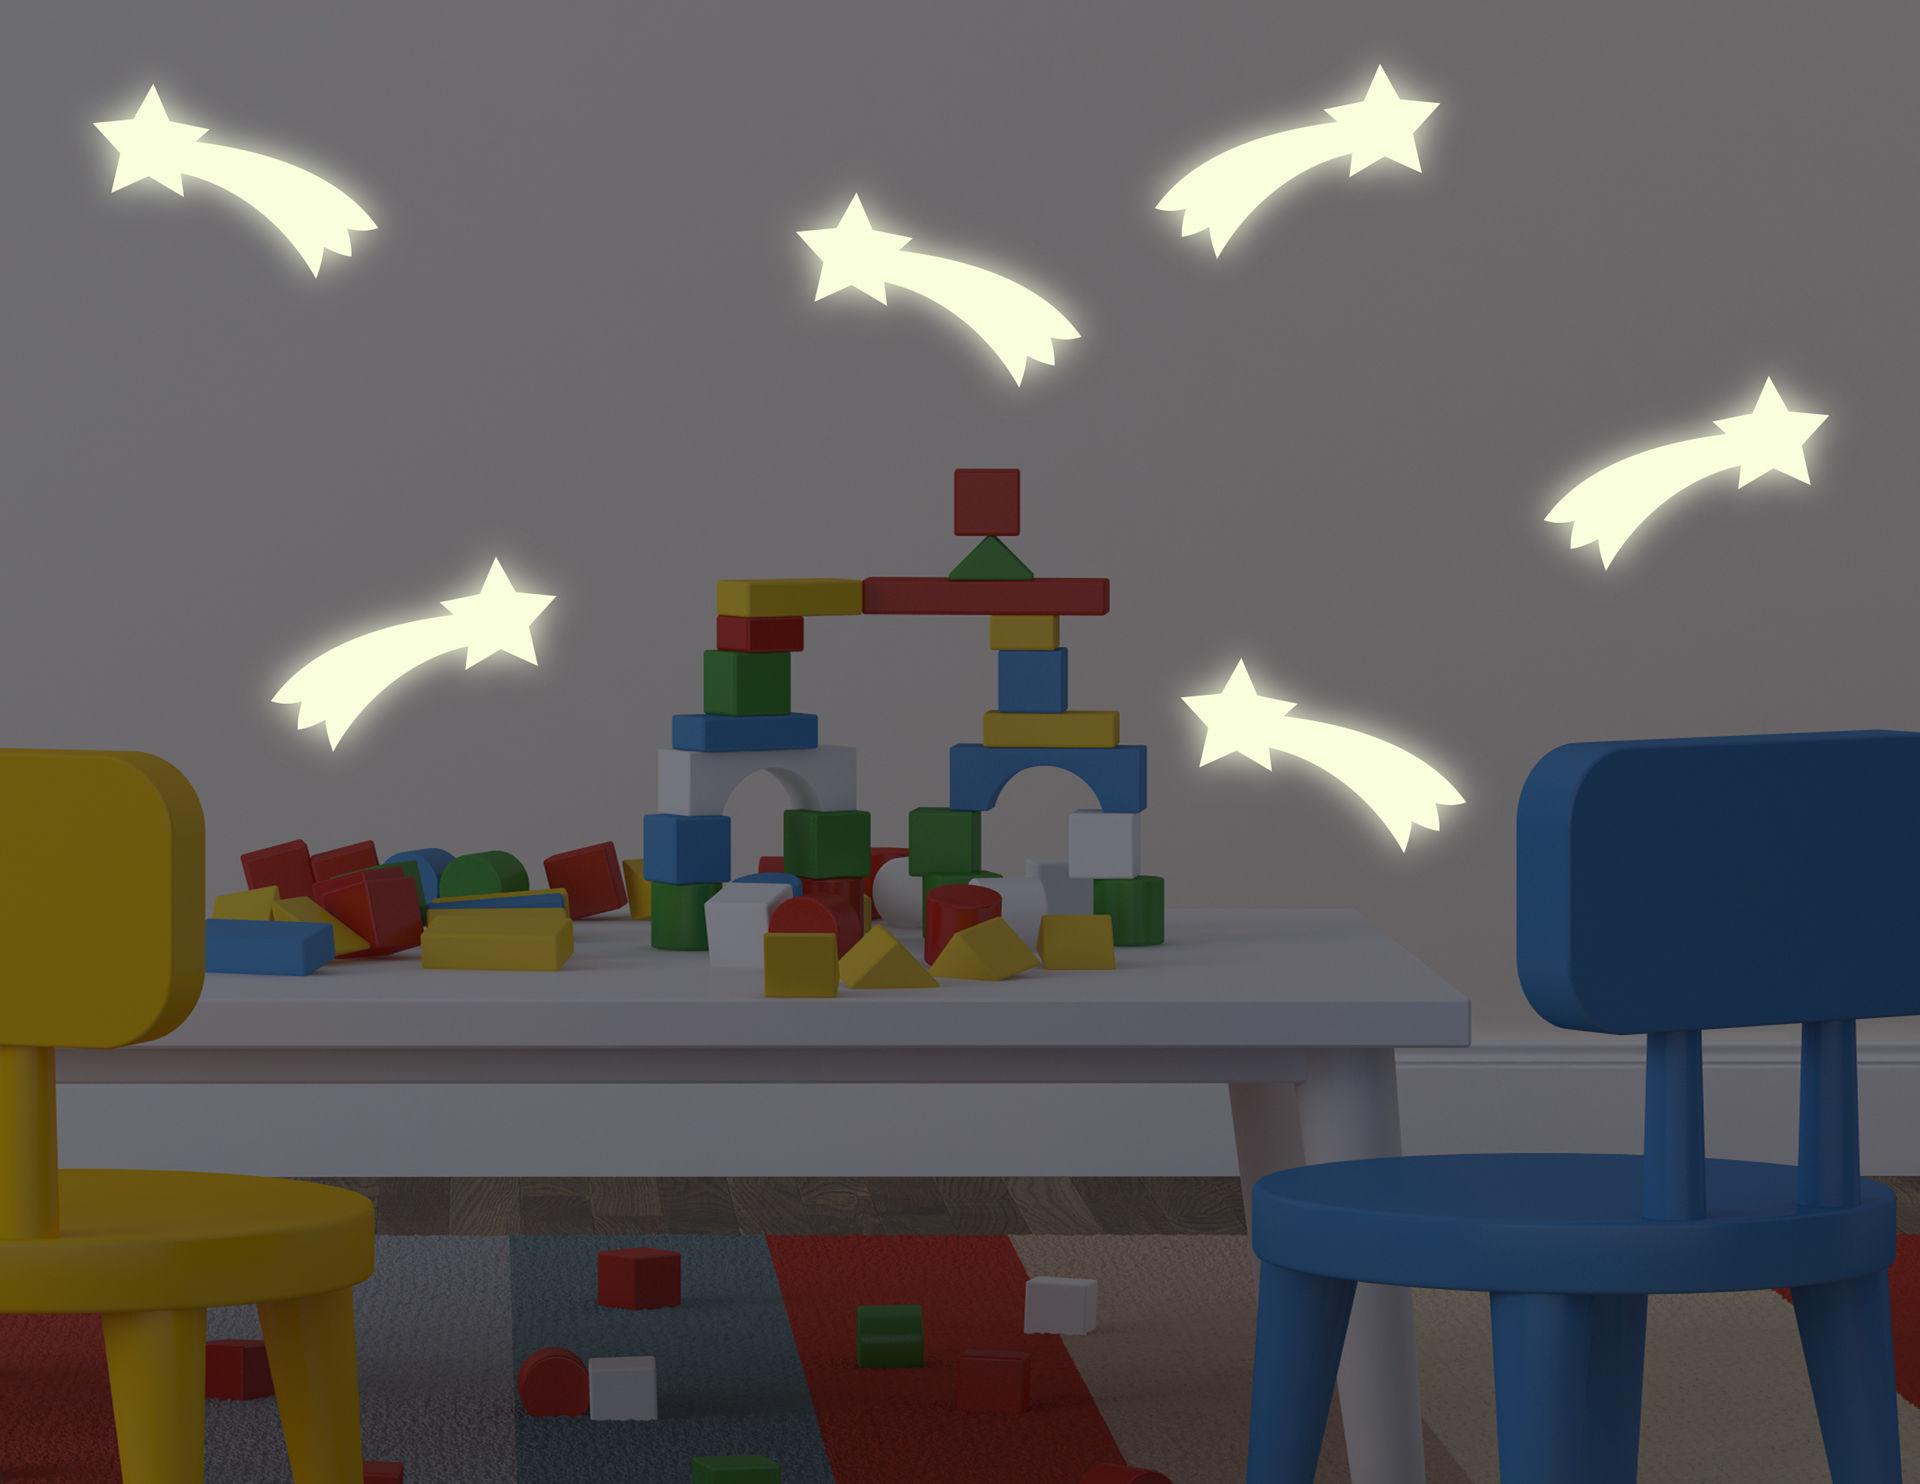 Leuchtende Sternschnuppen - wünsch Dir was!